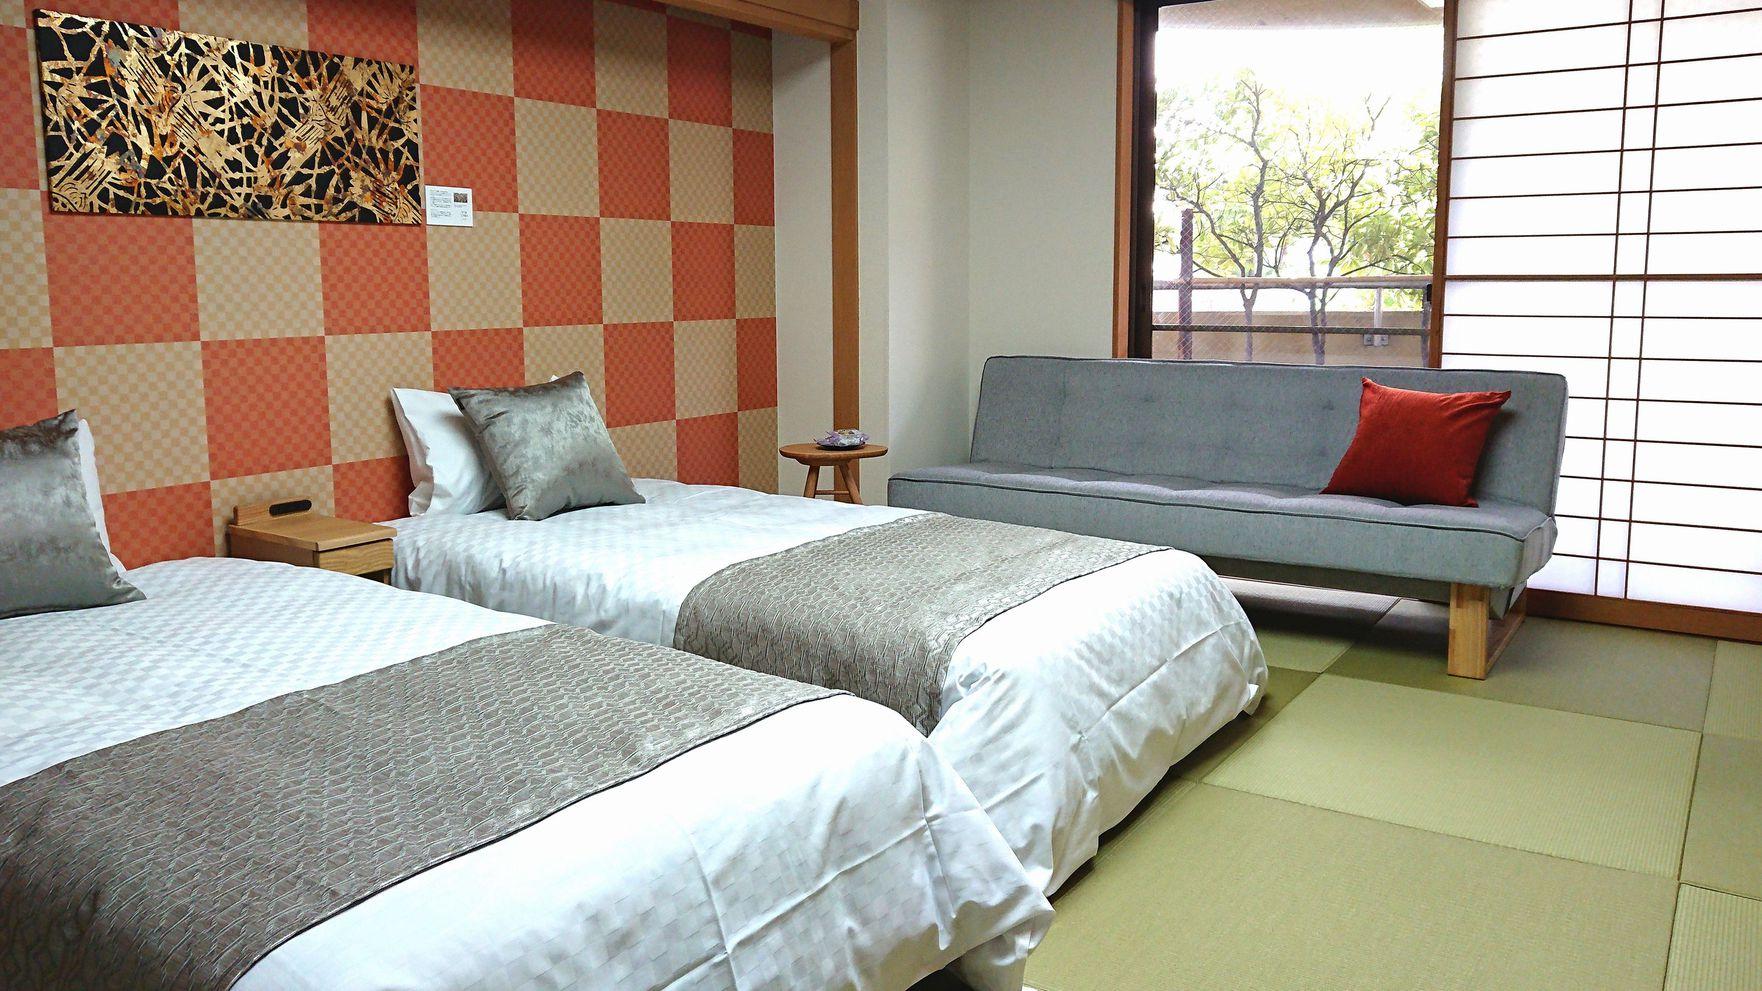 一般客室和室ベッドイメージ♪和室にツインベッドのご準備となっております。